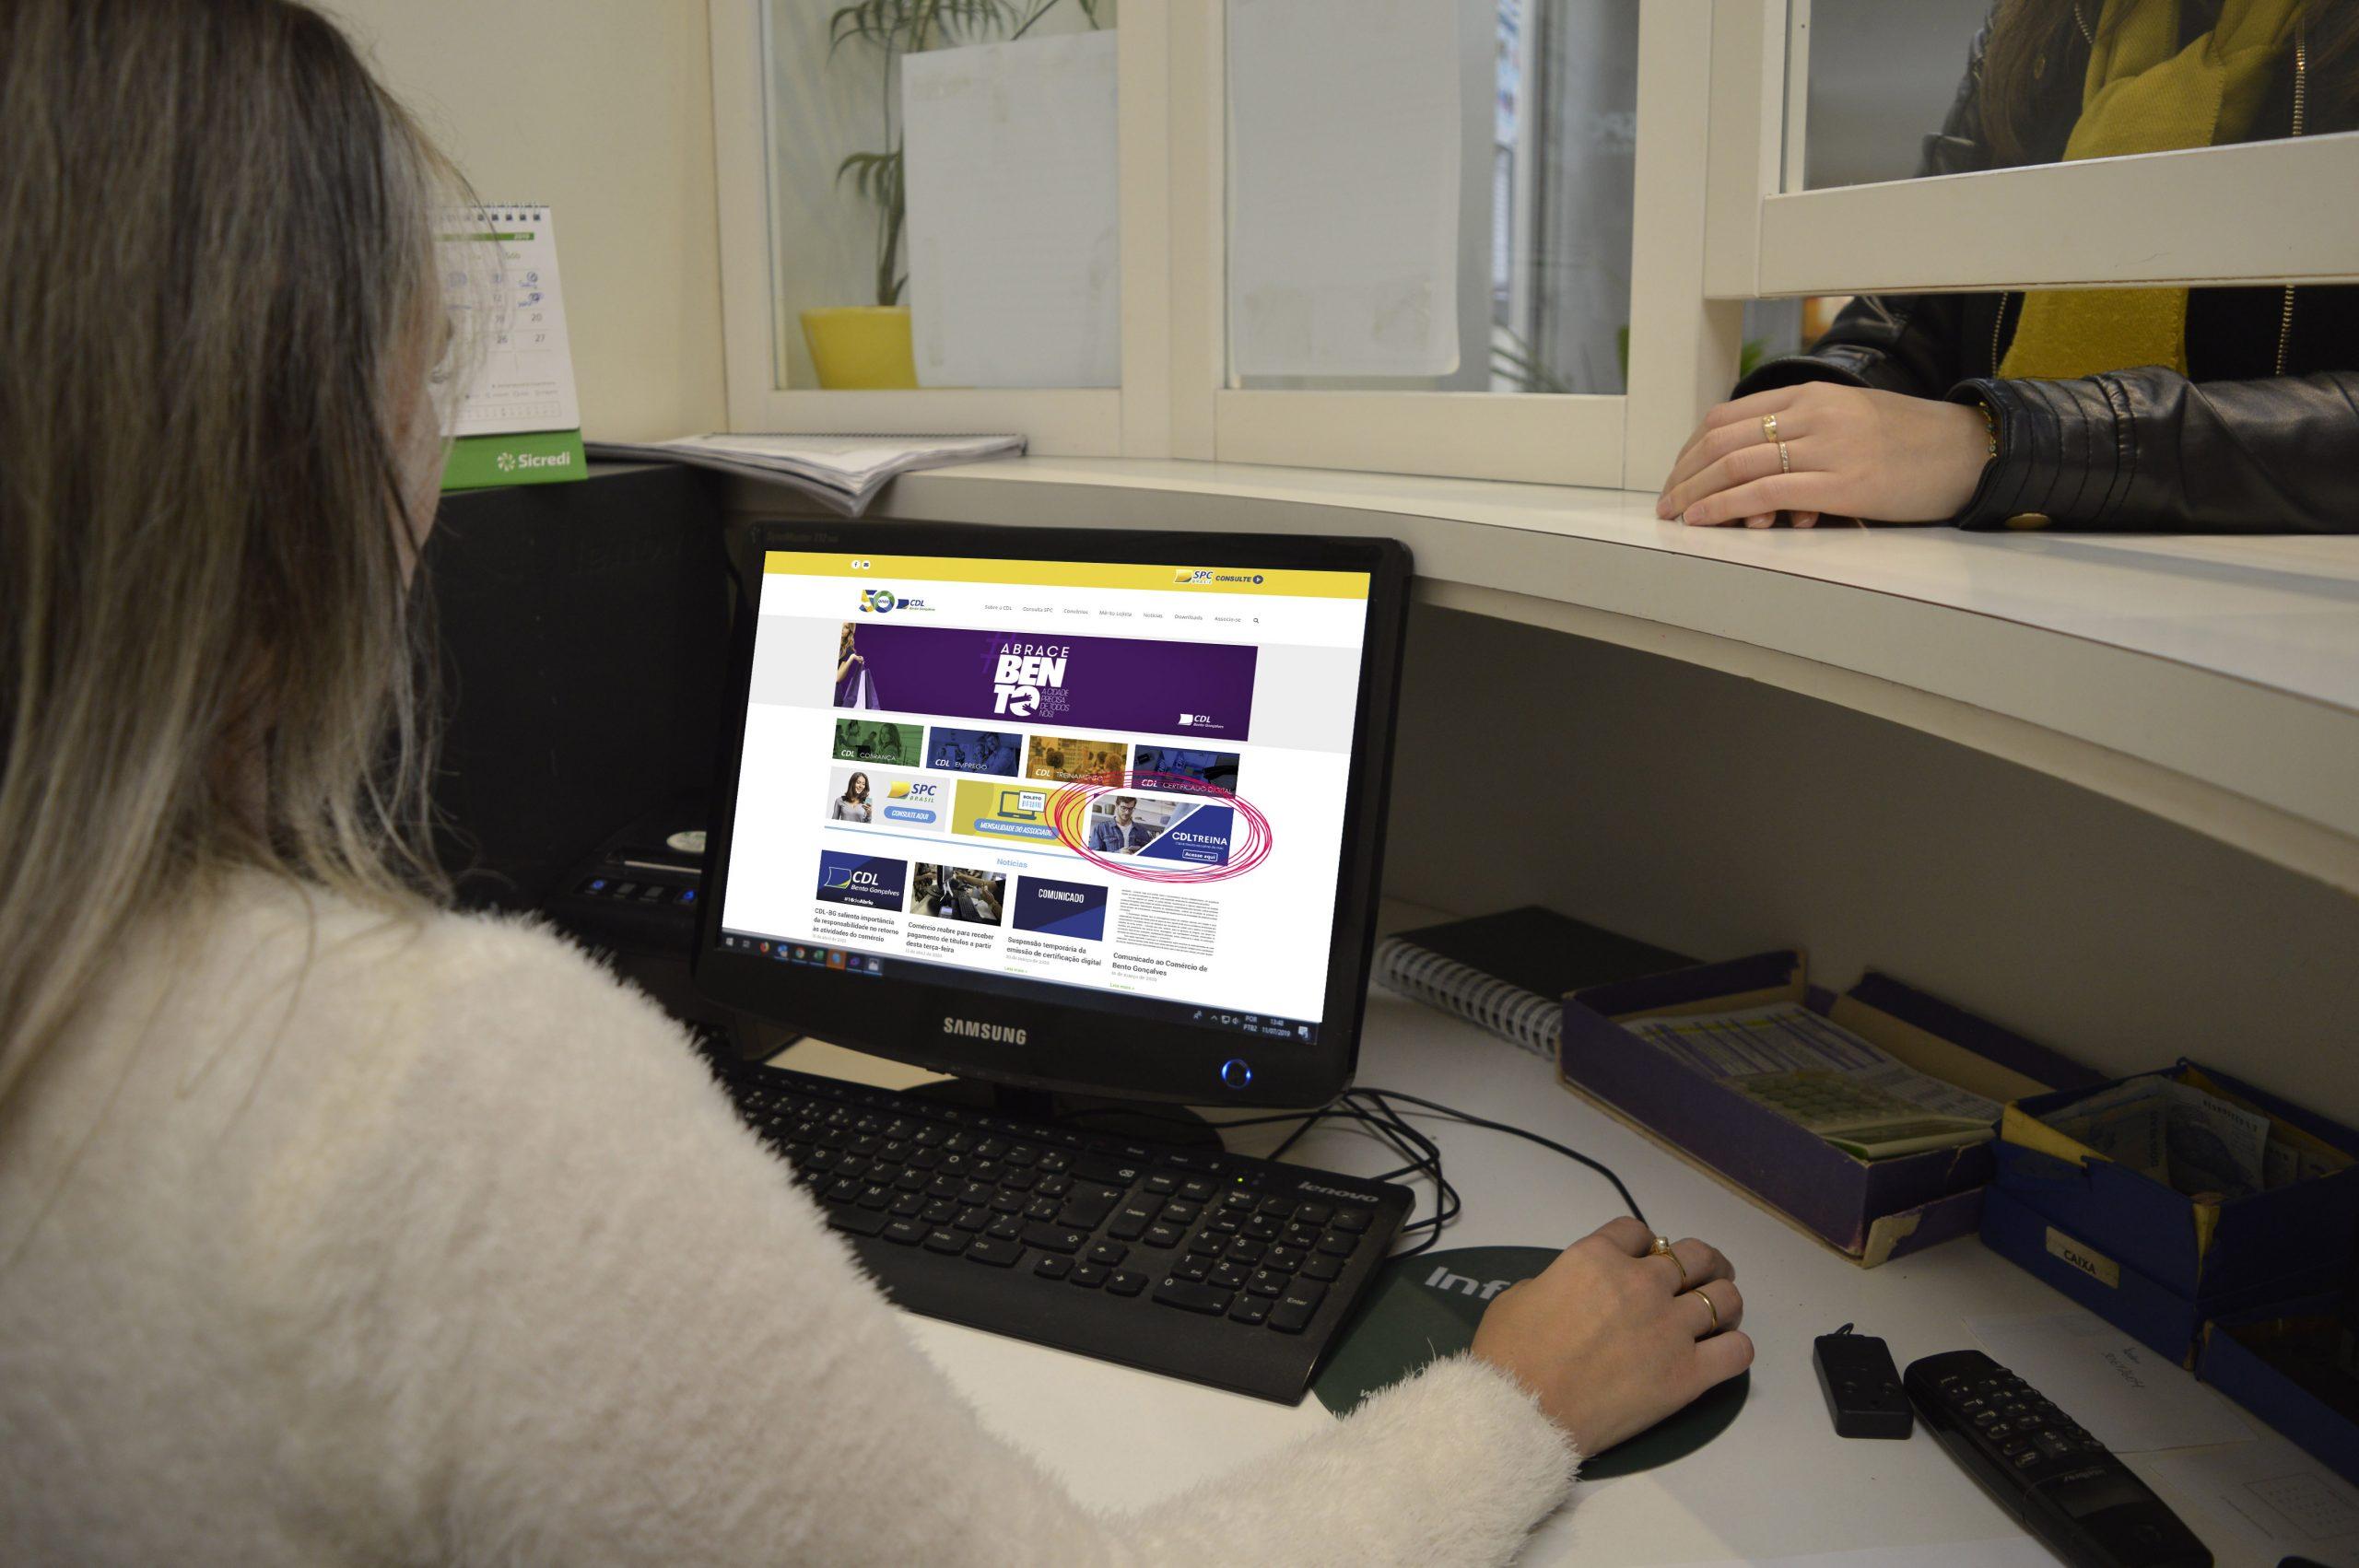 CDL BG Oferece Plataforma Digital Gratuita Para Qualificação Do Comércio